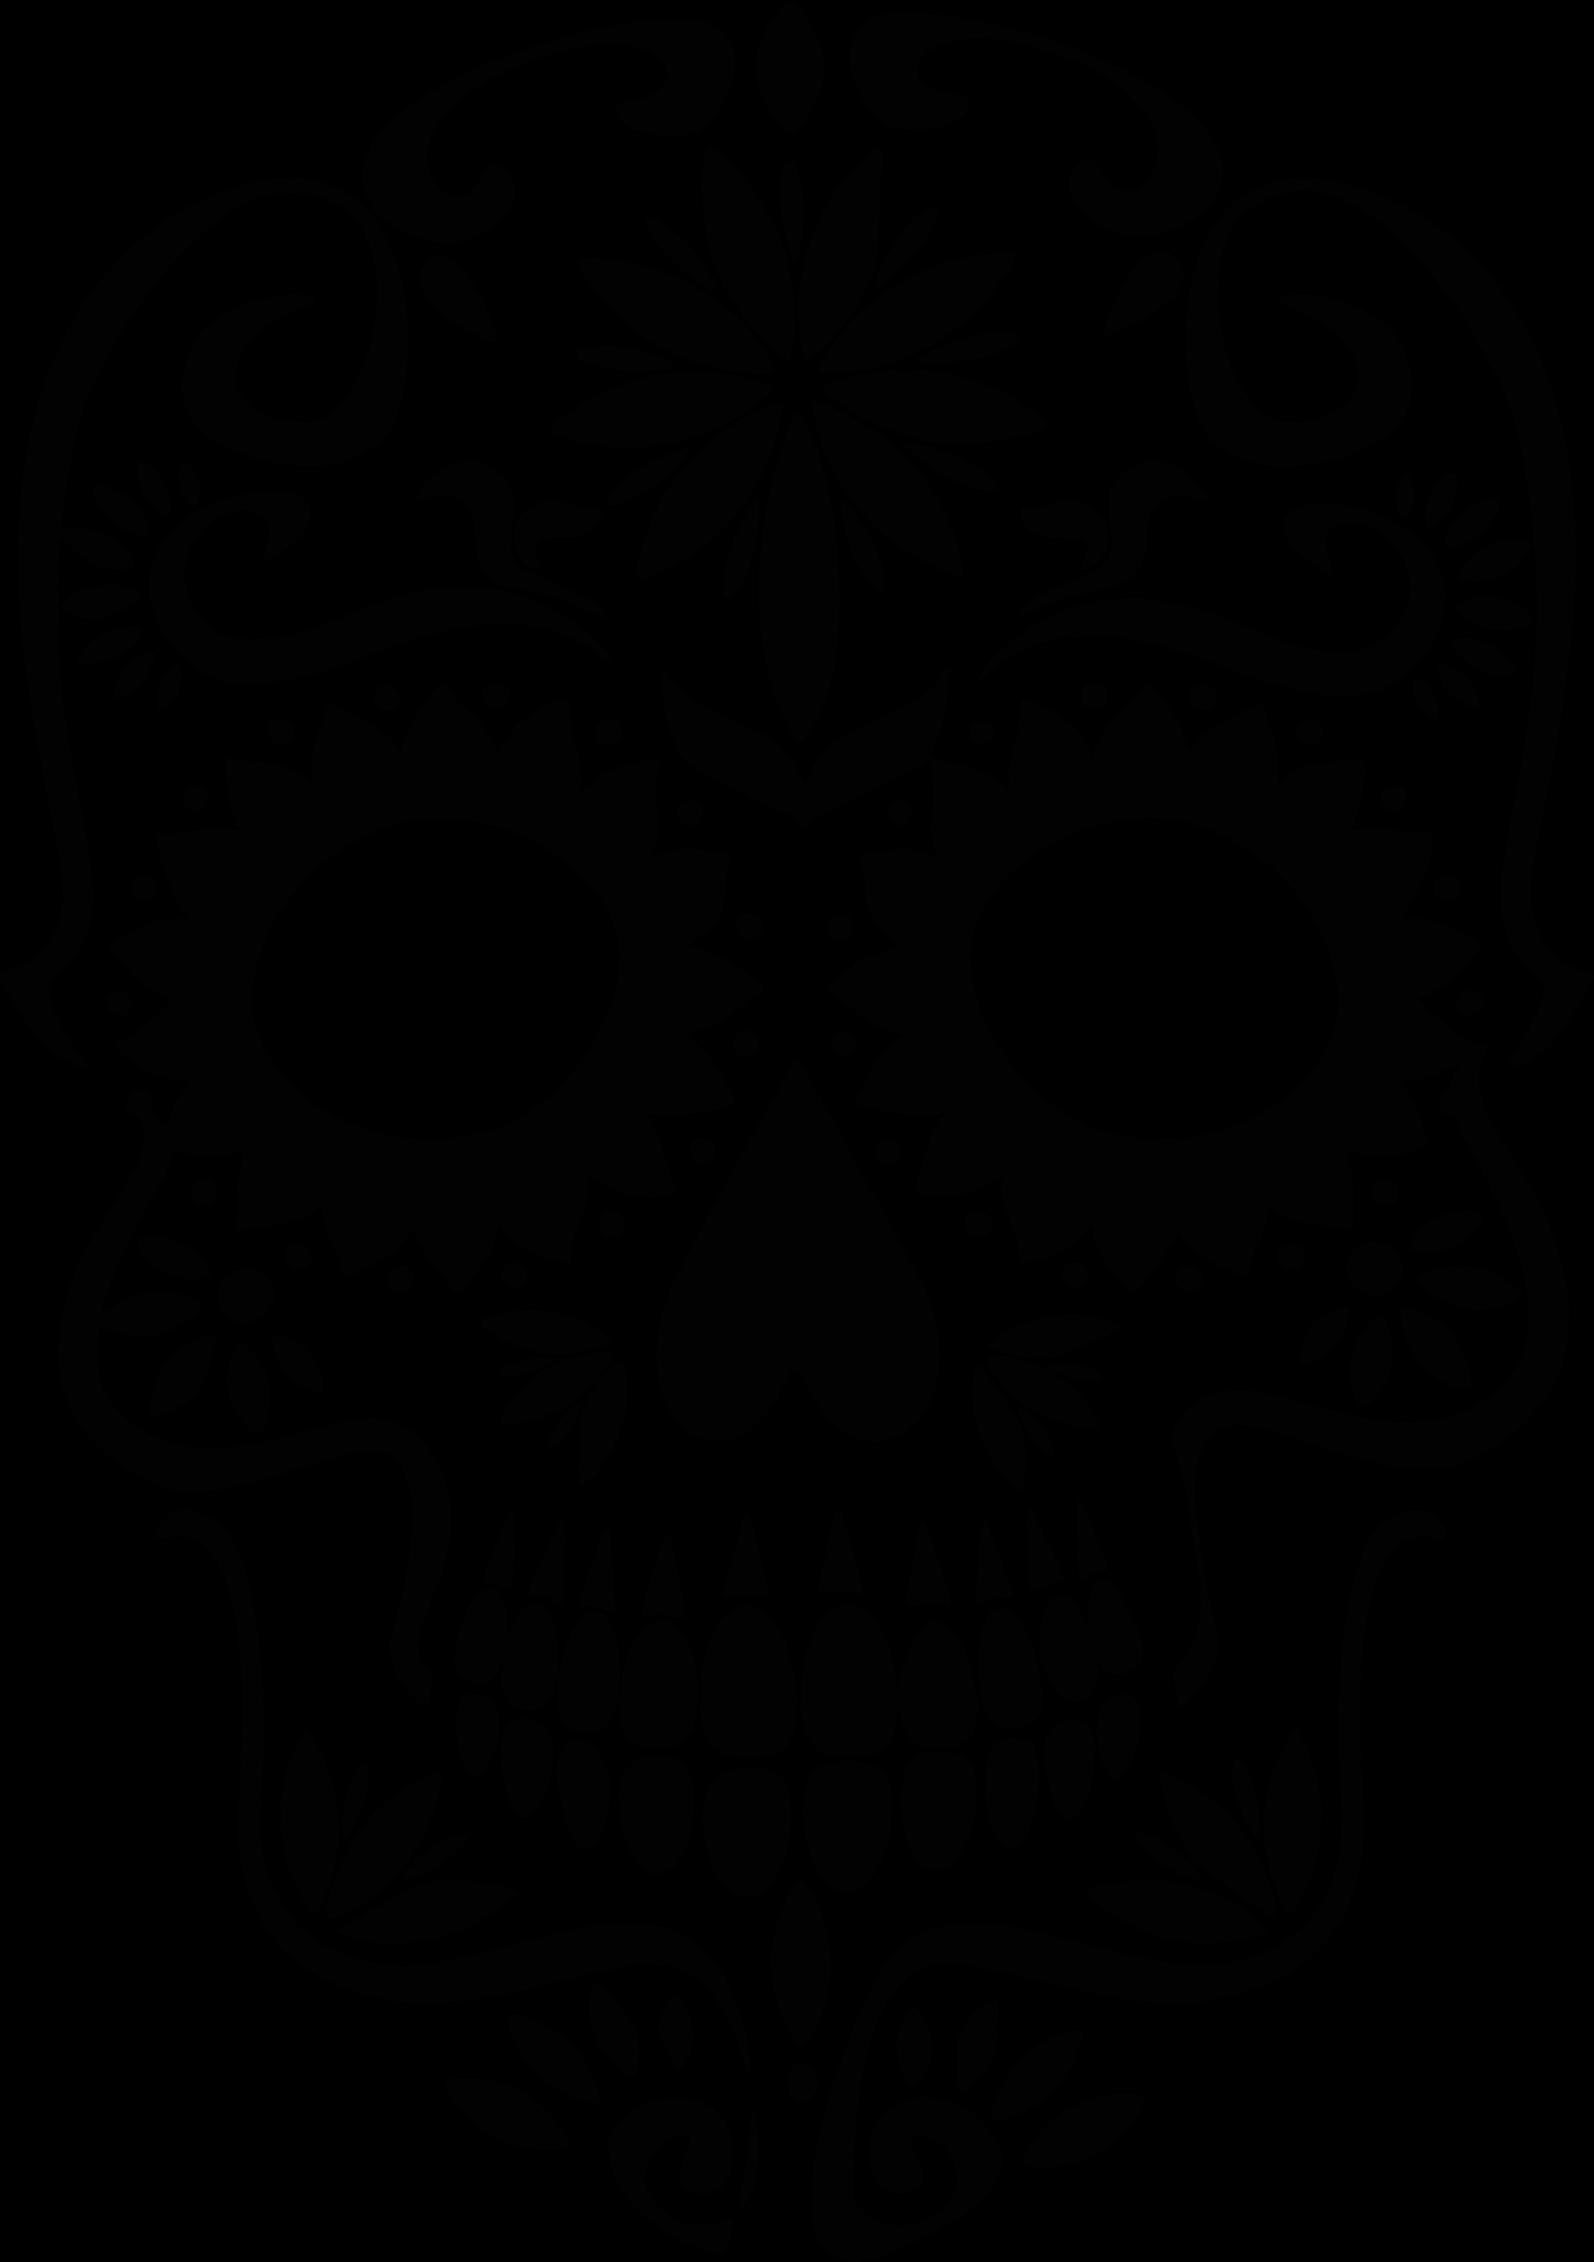 Baseball skull clipart vector royalty free library skull silhouette clip art sugar skull silhouette - Clip Art. Net vector royalty free library